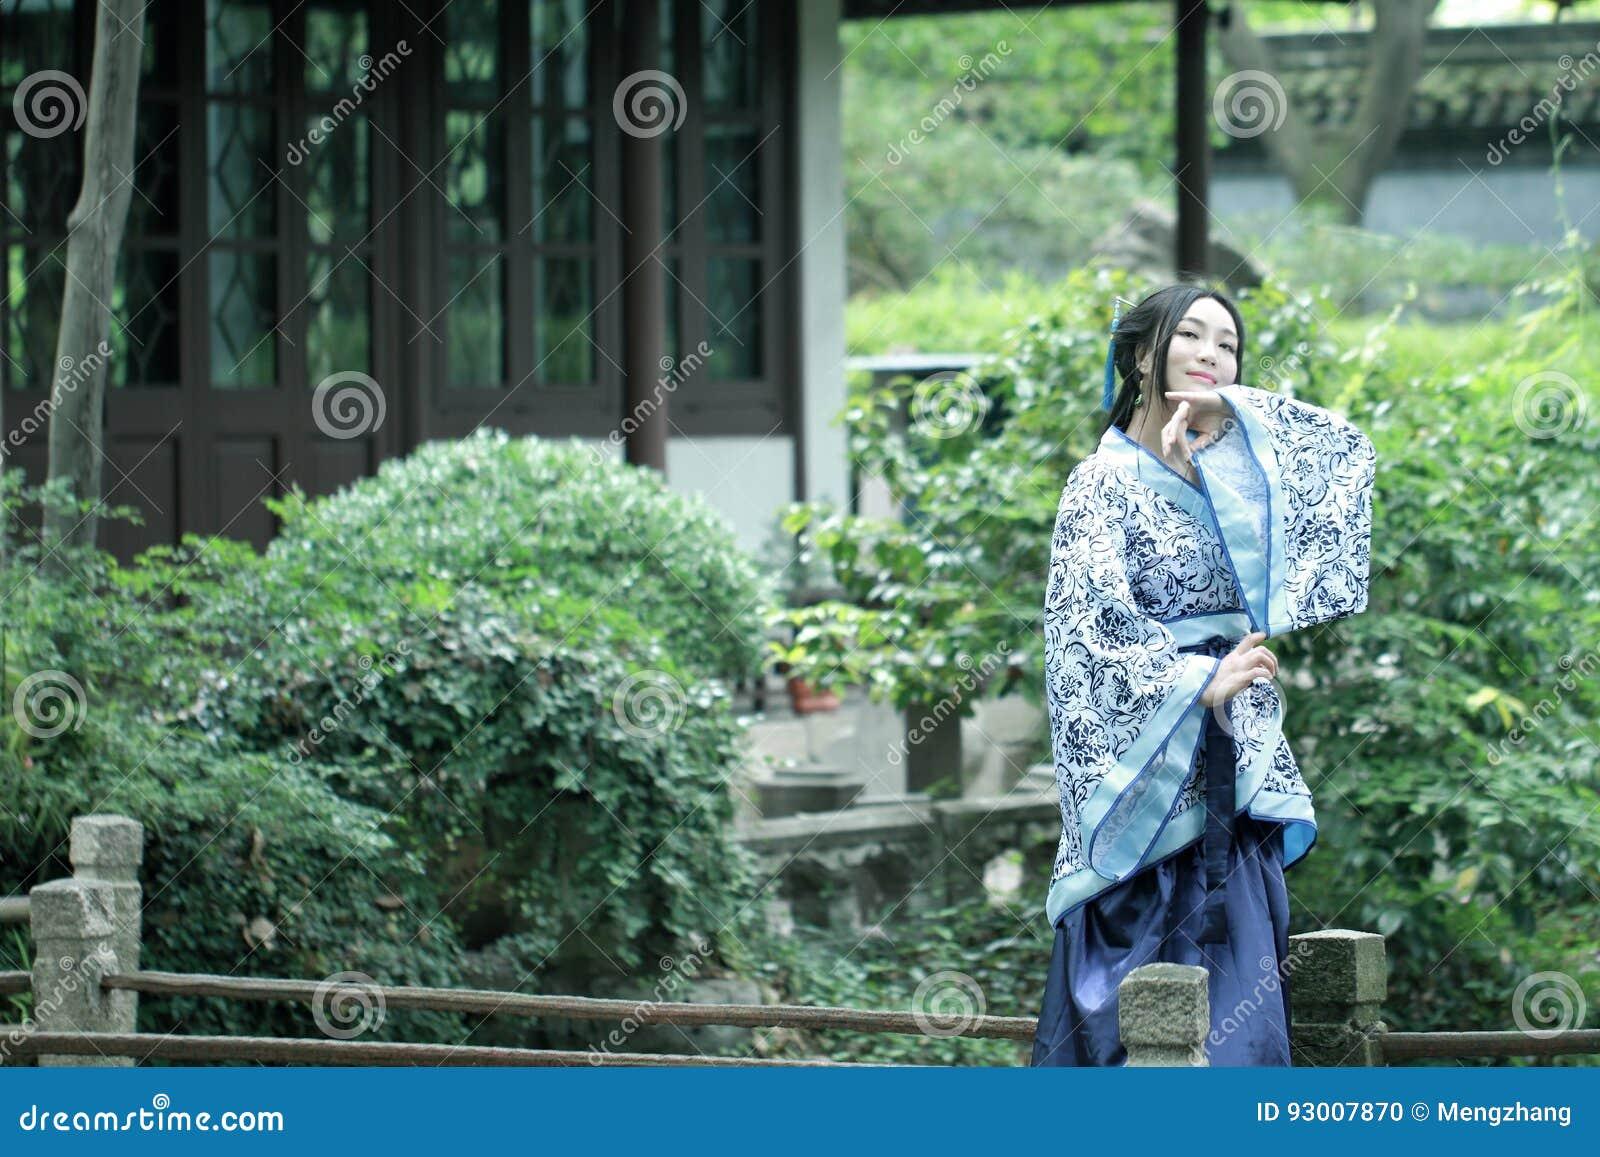 Mulher chinesa no vestido azul e branco tradicional de Hanfu do estilo da porcelana